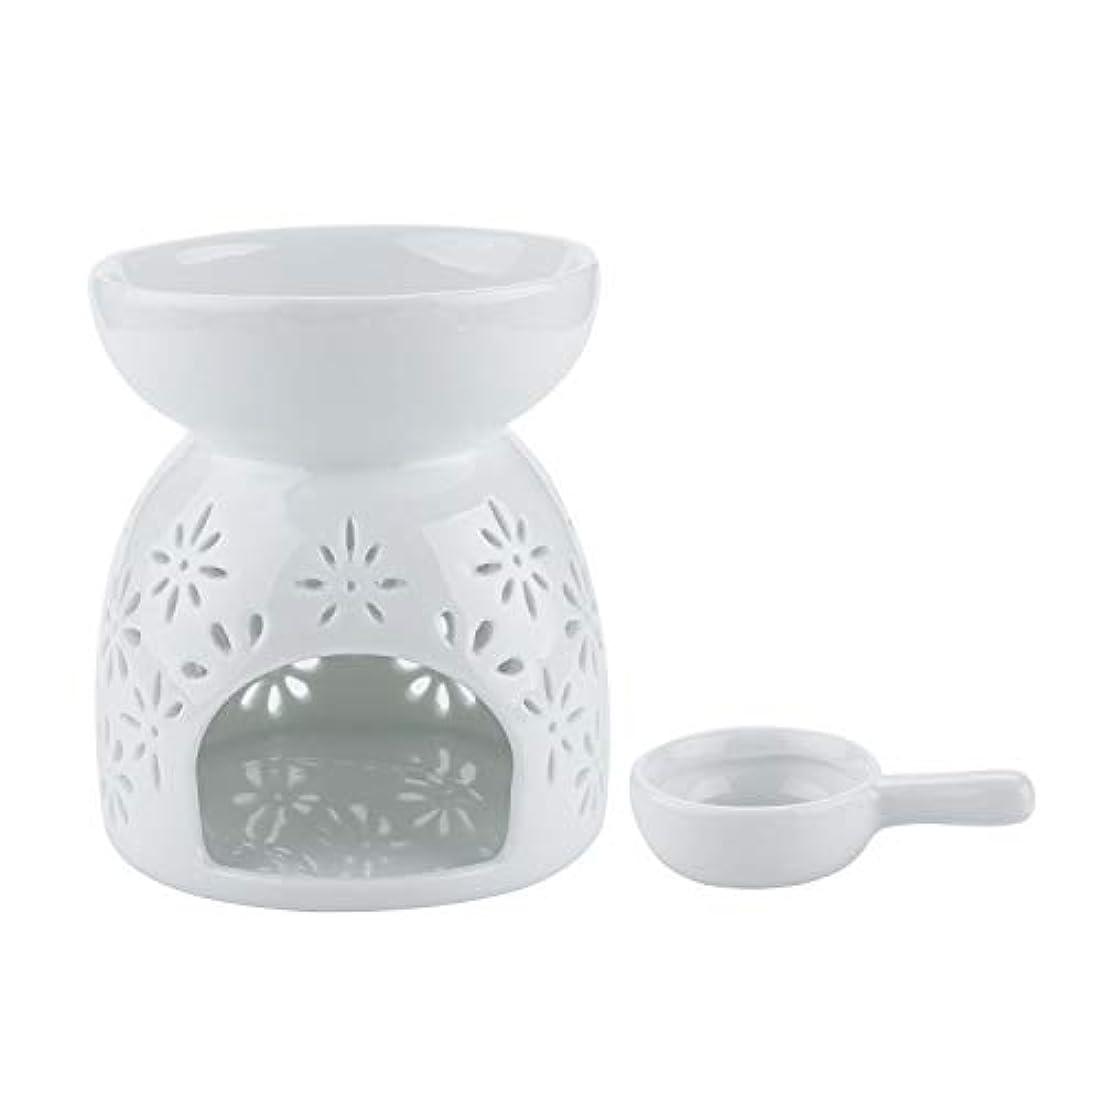 もろいこのむちゃくちゃRachel's Choice 陶製 アロマ ランプ ディフューザー アロマキャンドル キャンドルホルダー 花形 ホワイト